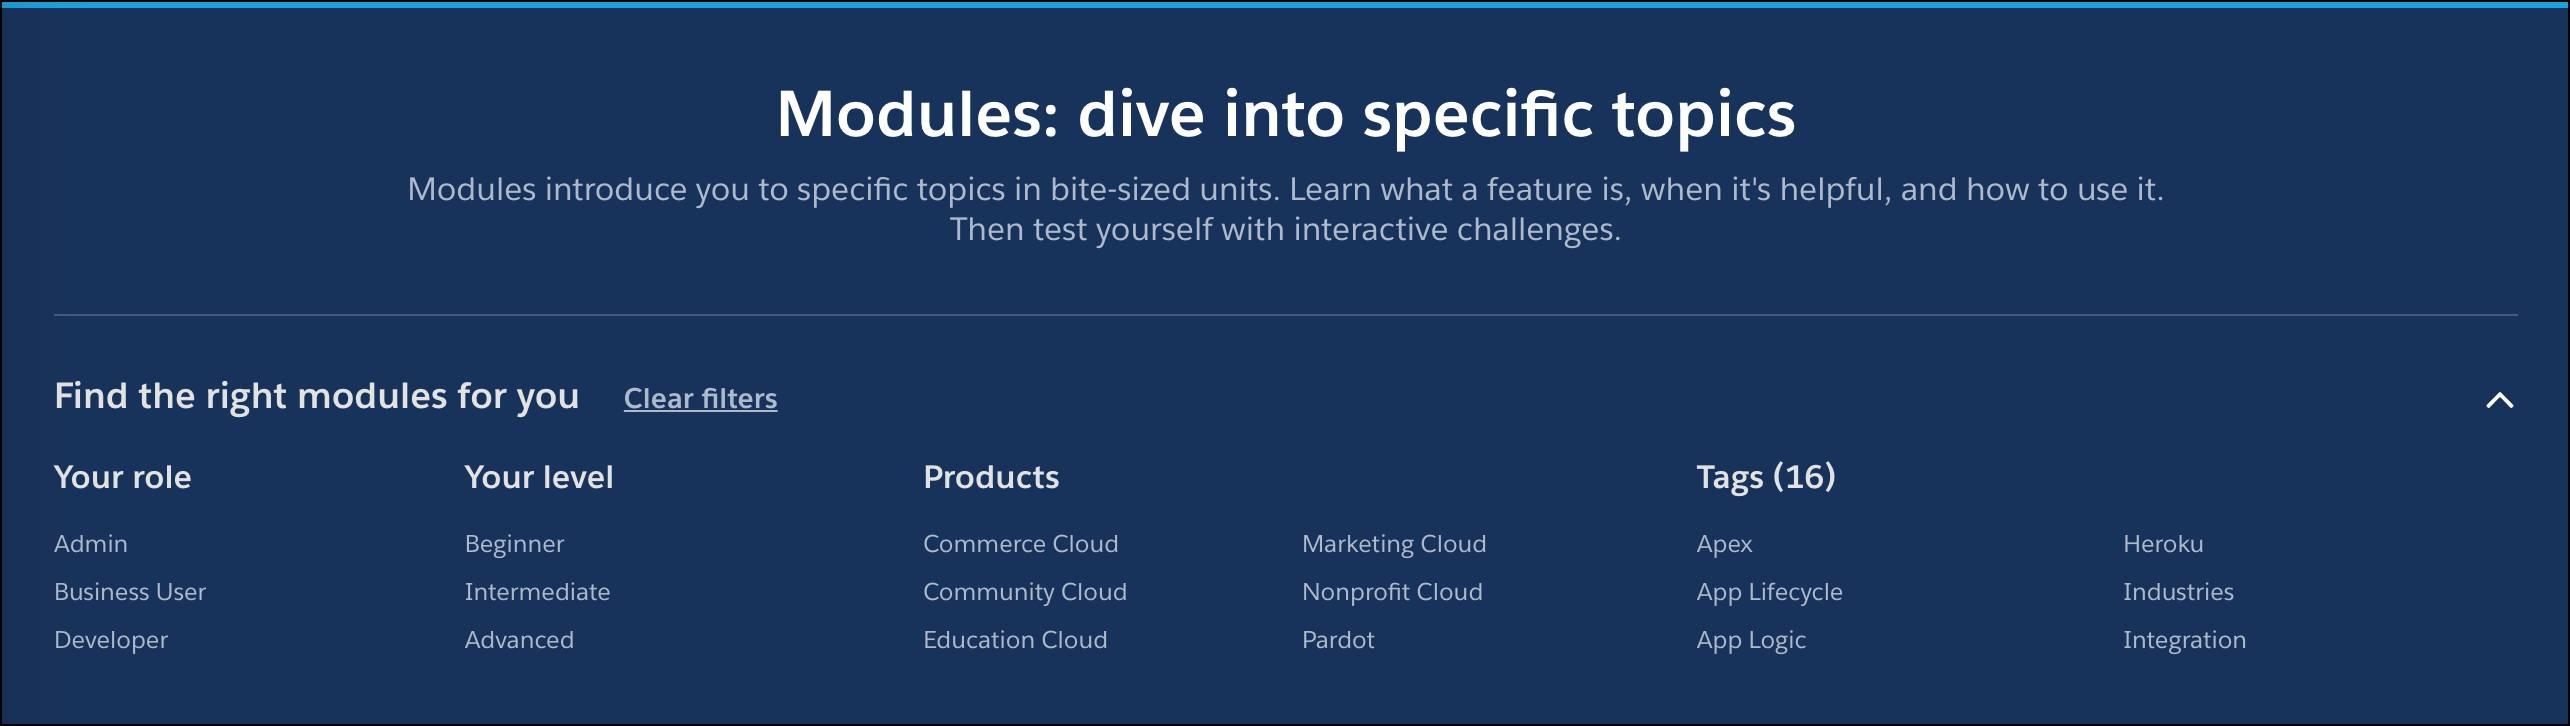 Los filtros para función, nivel, producto y tema en el tema de la página de todos los módulos.